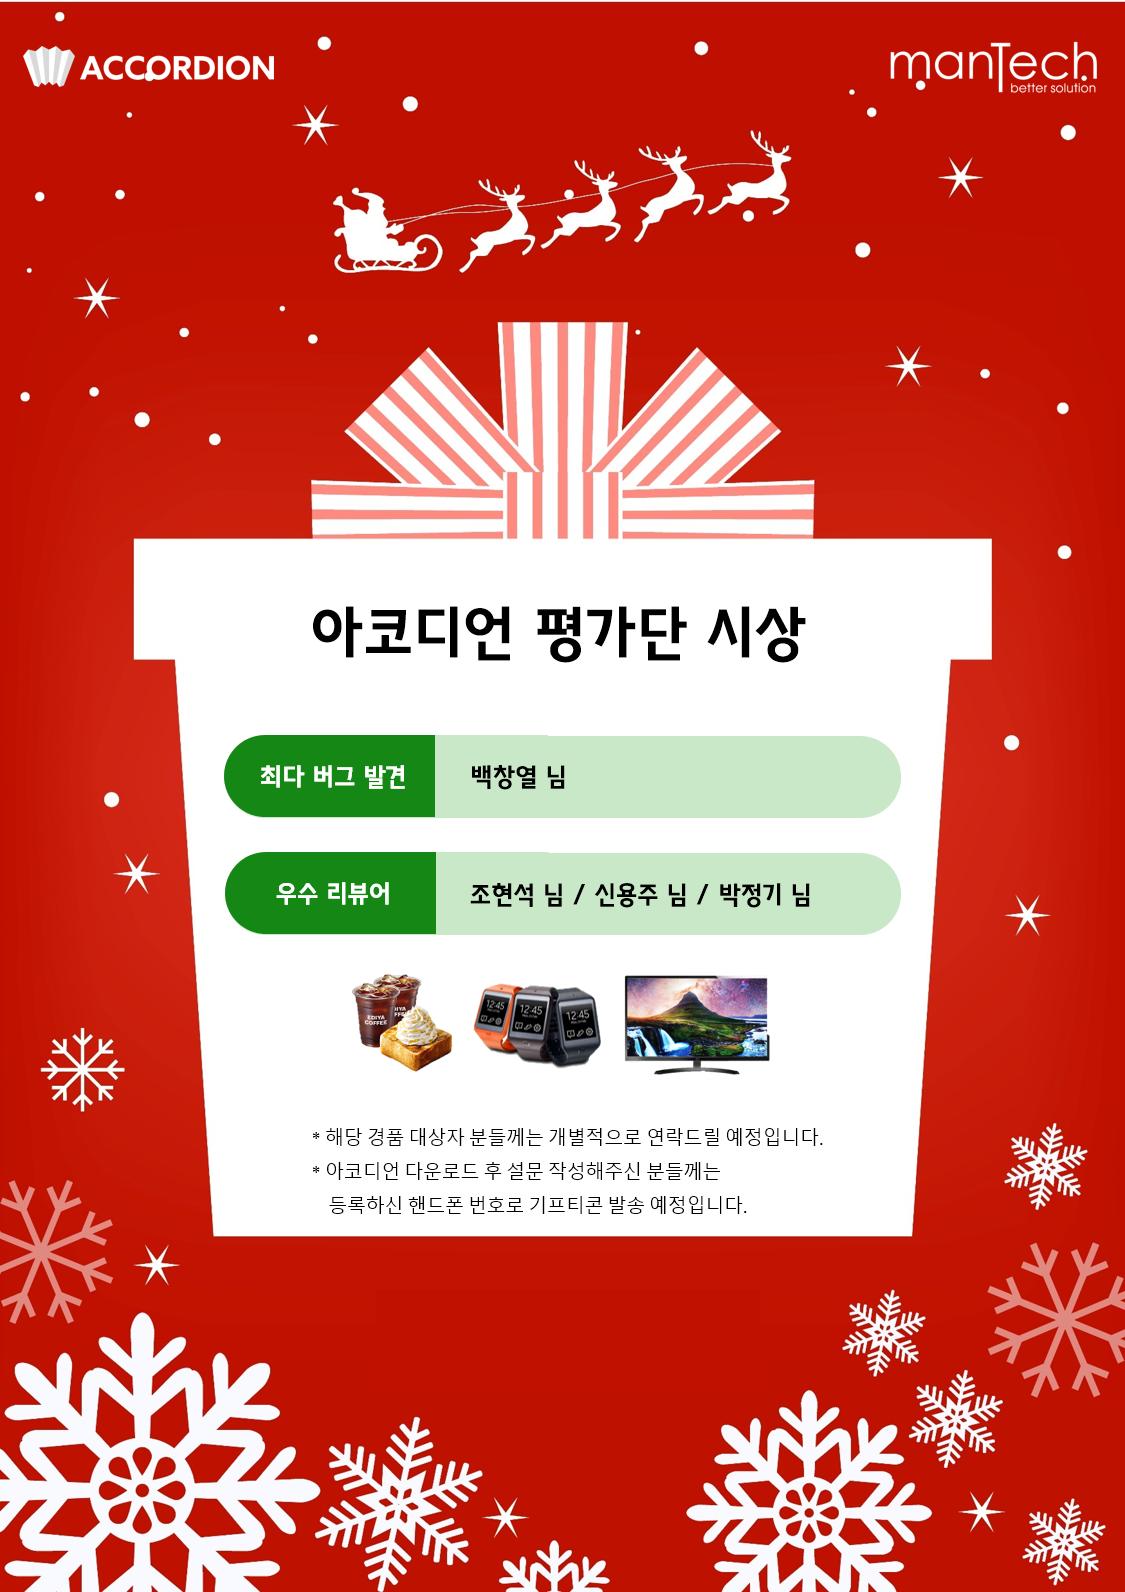 아코디언_평가단 시상